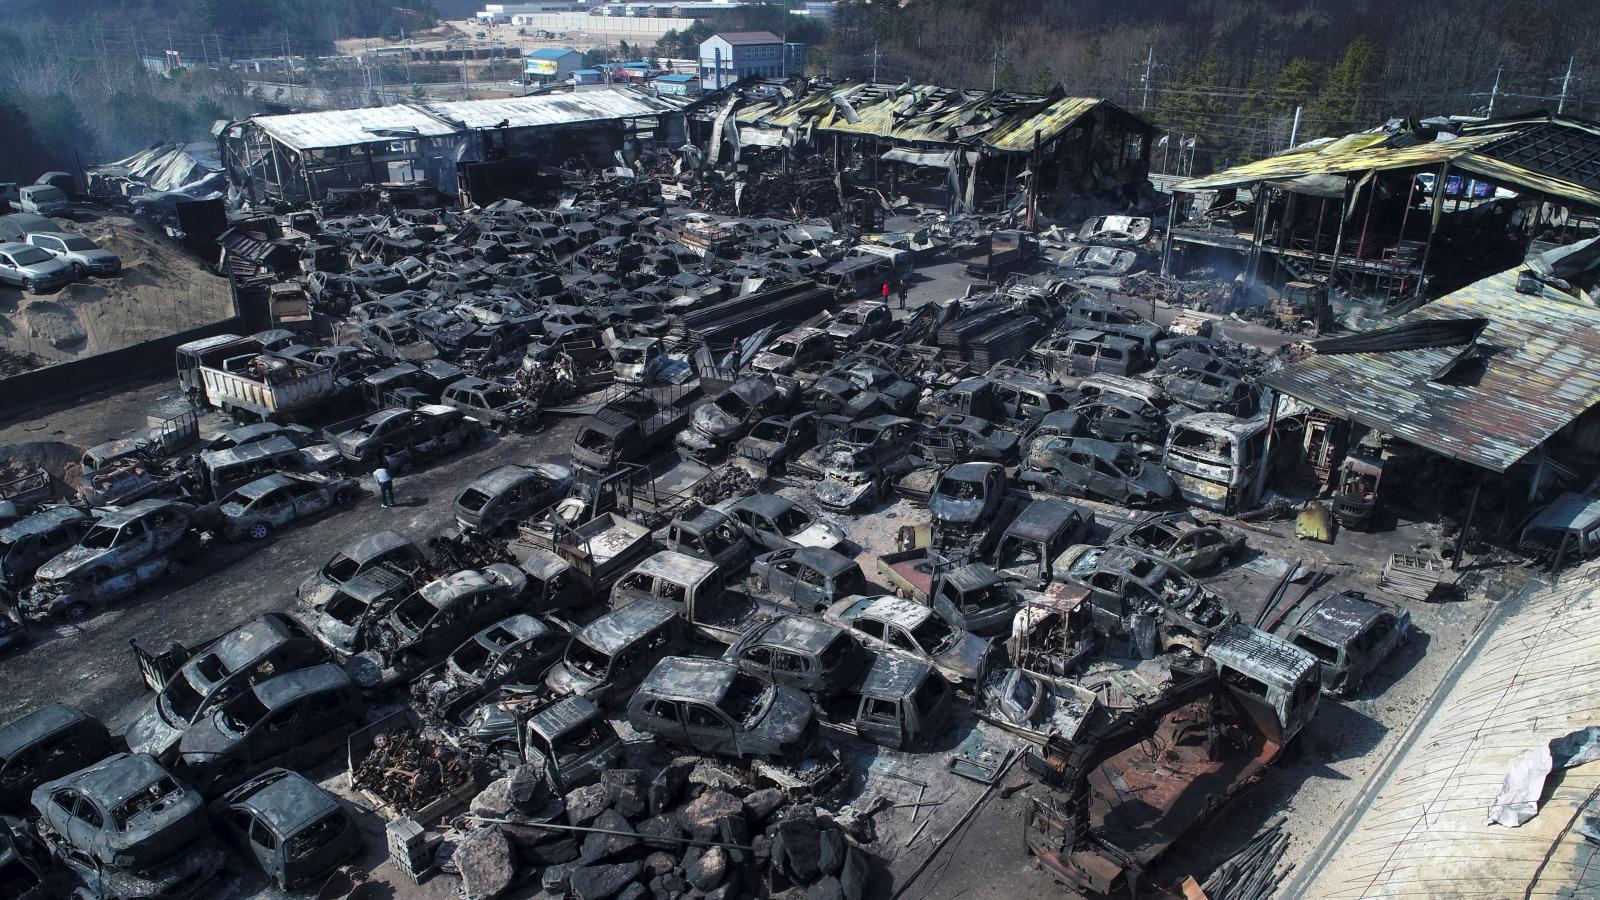 เกาหลีใต้ ประกาศสถานการณ์ภัยพิบัติแห่งชาติ รับมือไฟป่าครั้งใหญ่